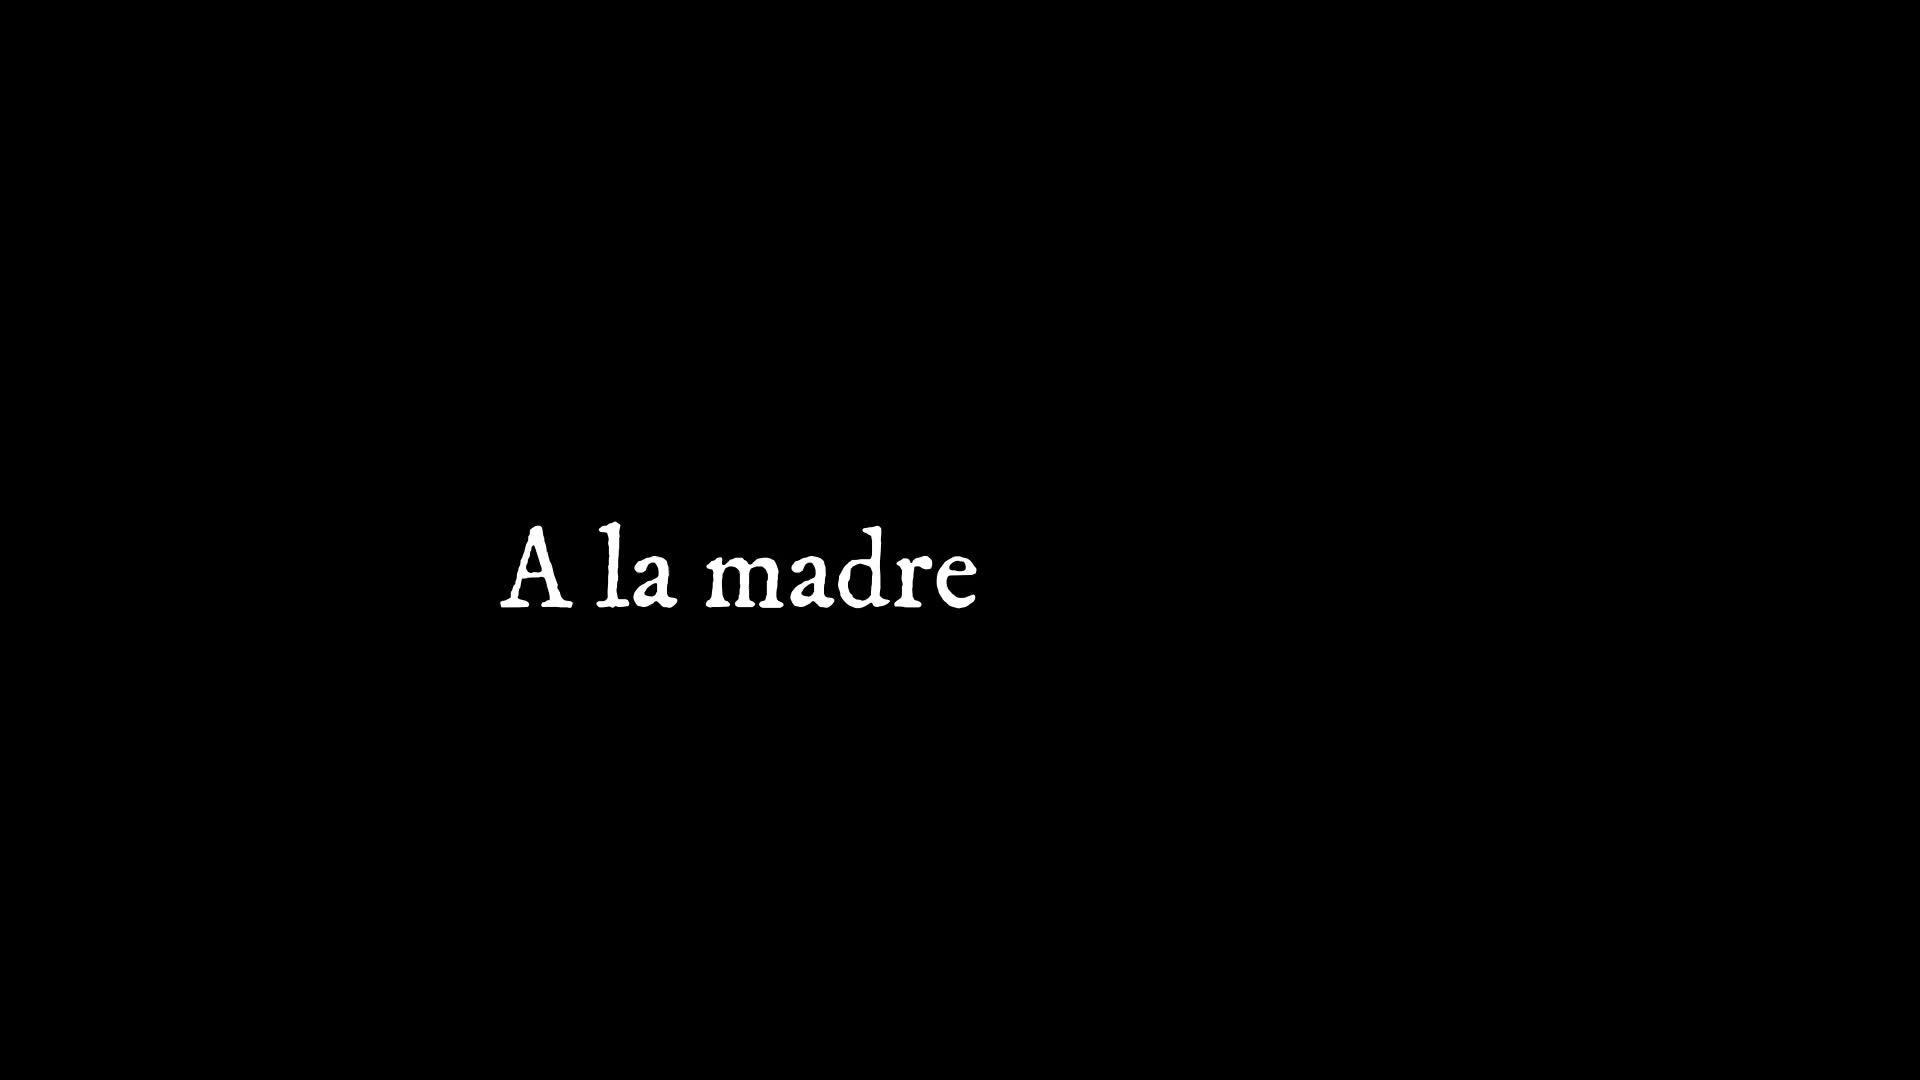 El cantante y compositor ibicenco Joaquín Garli publica un poema musicado en honor a todas las madres